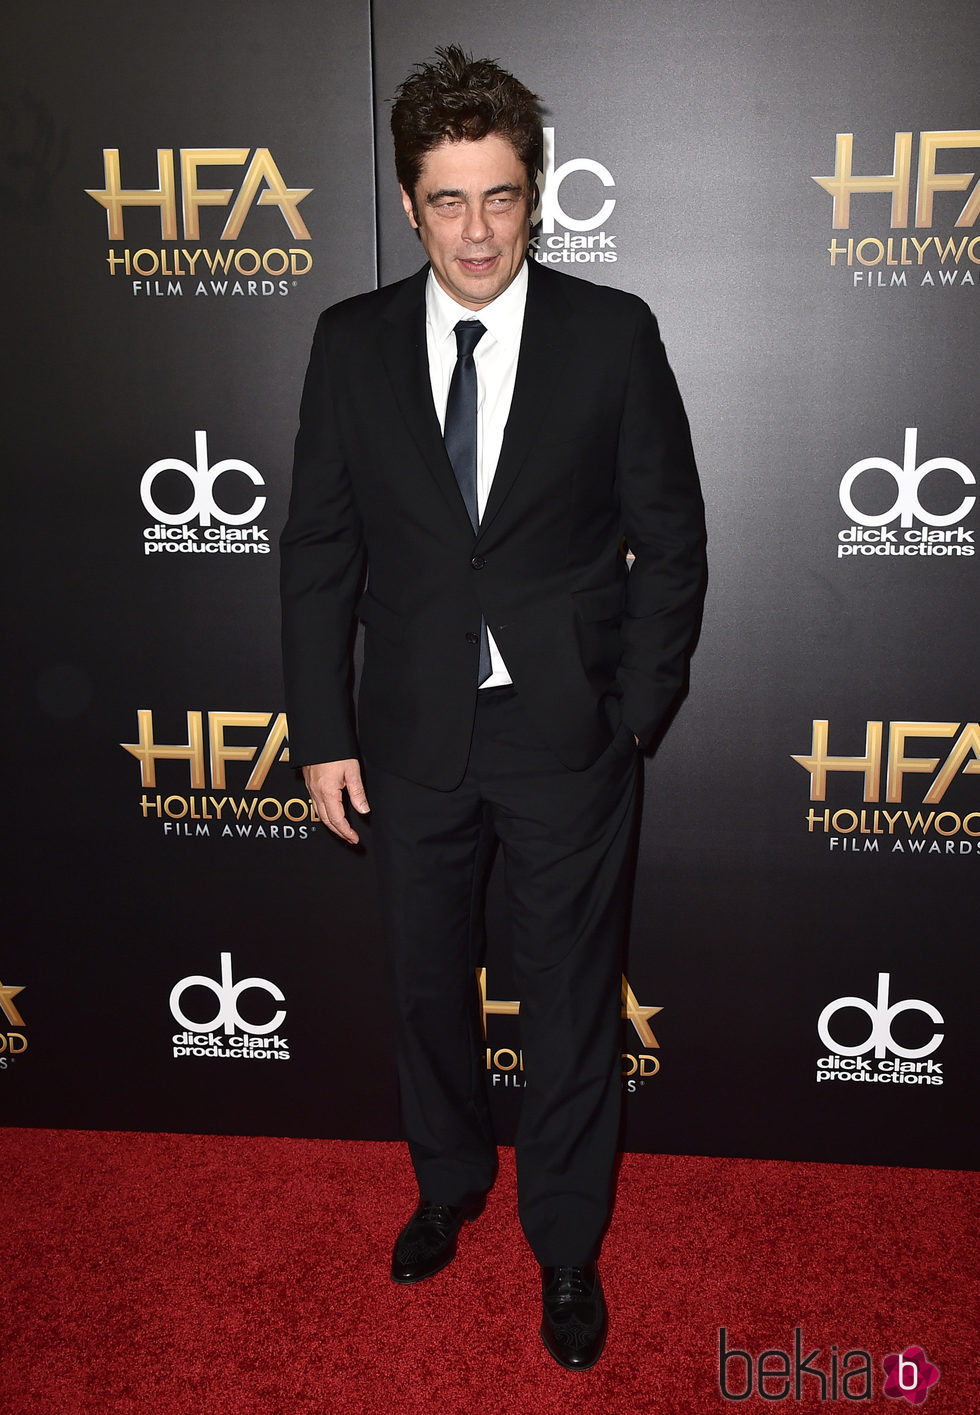 Benicio del Toro en los Hollywood Film Awards 2015